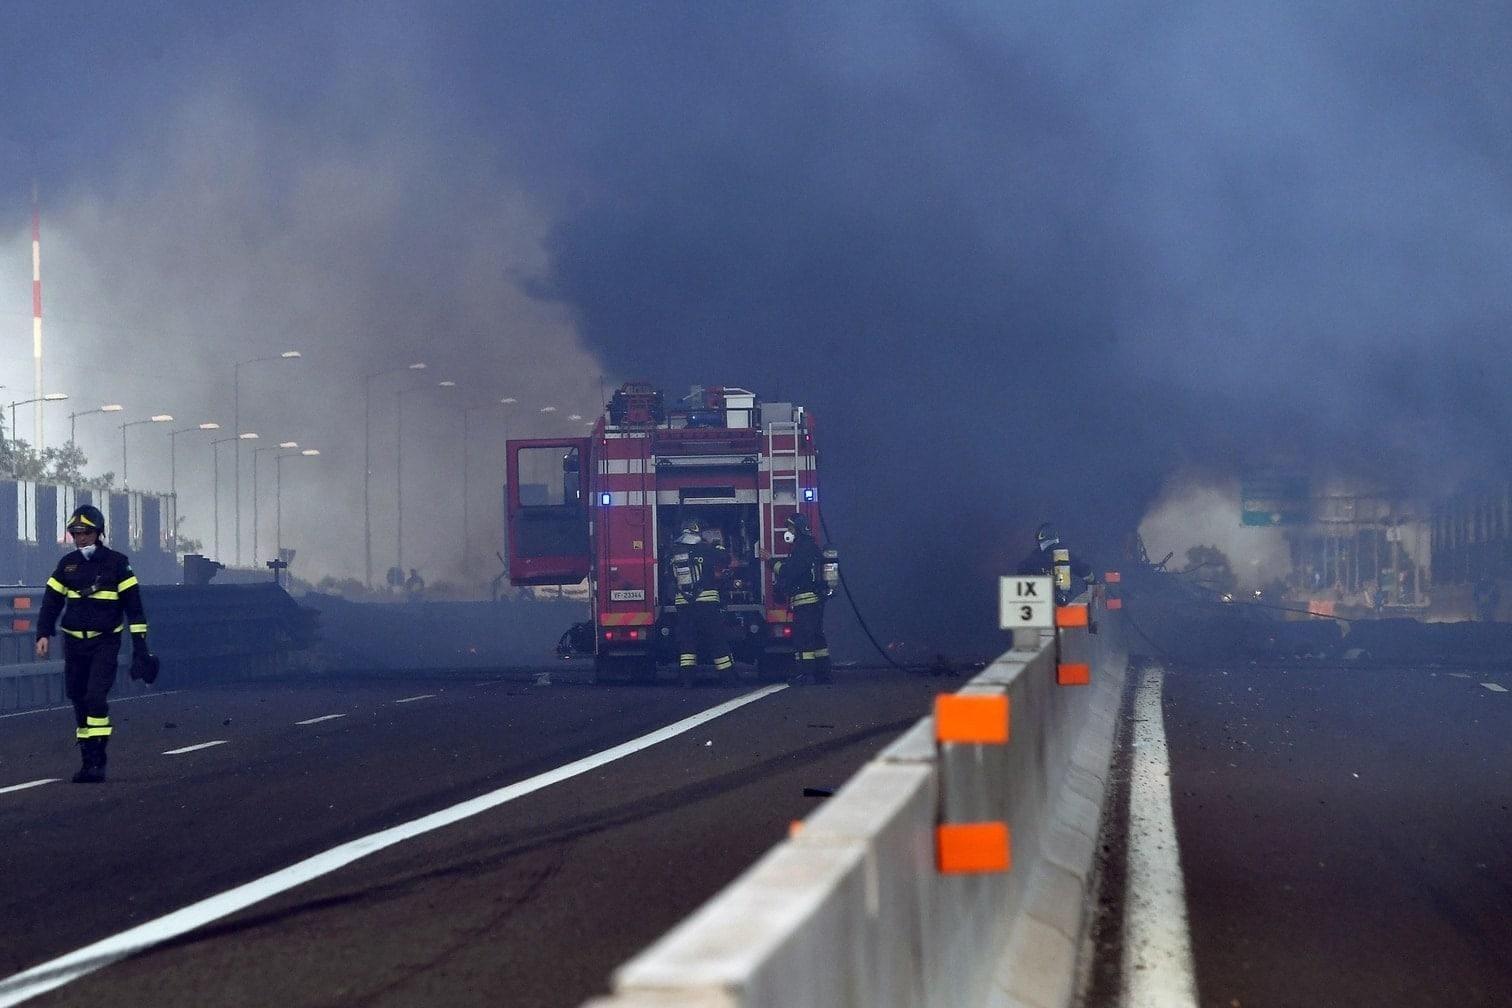 <p>Bei einer Explosion auf einer Autobahn in der Nähe der norditalienischen Stadt Bologna sind am Montag mindestens 56 Menschen verletzt worden.&nbsp;</p> Foto: AFP